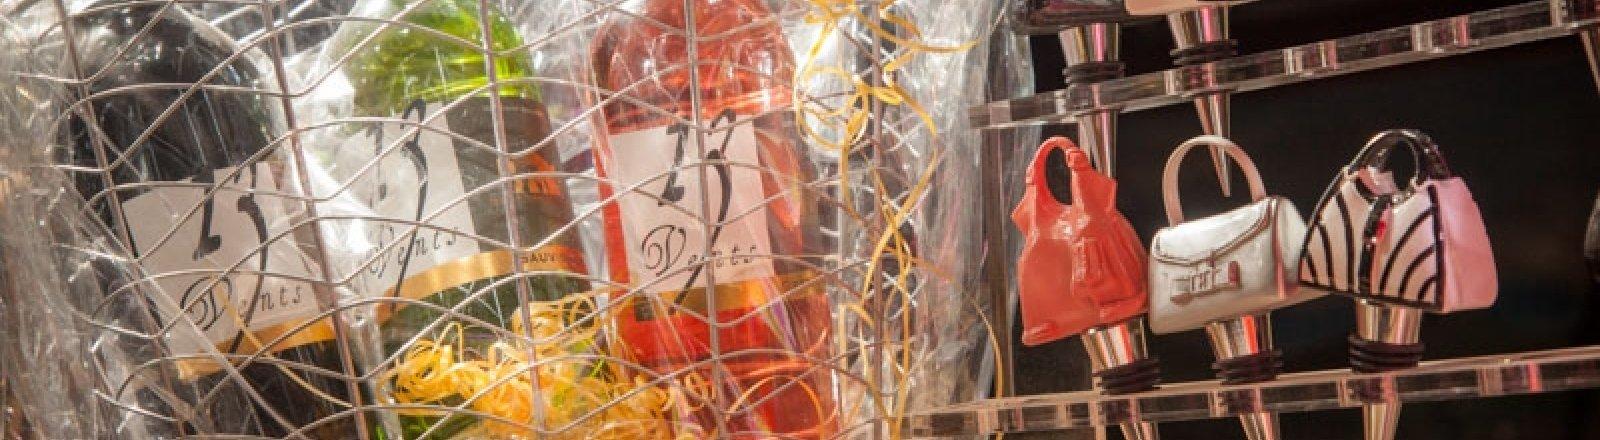 TOURS & TERROIRS D'ANIANE - CAVEAU D'ANIANE © Sud de France Développement